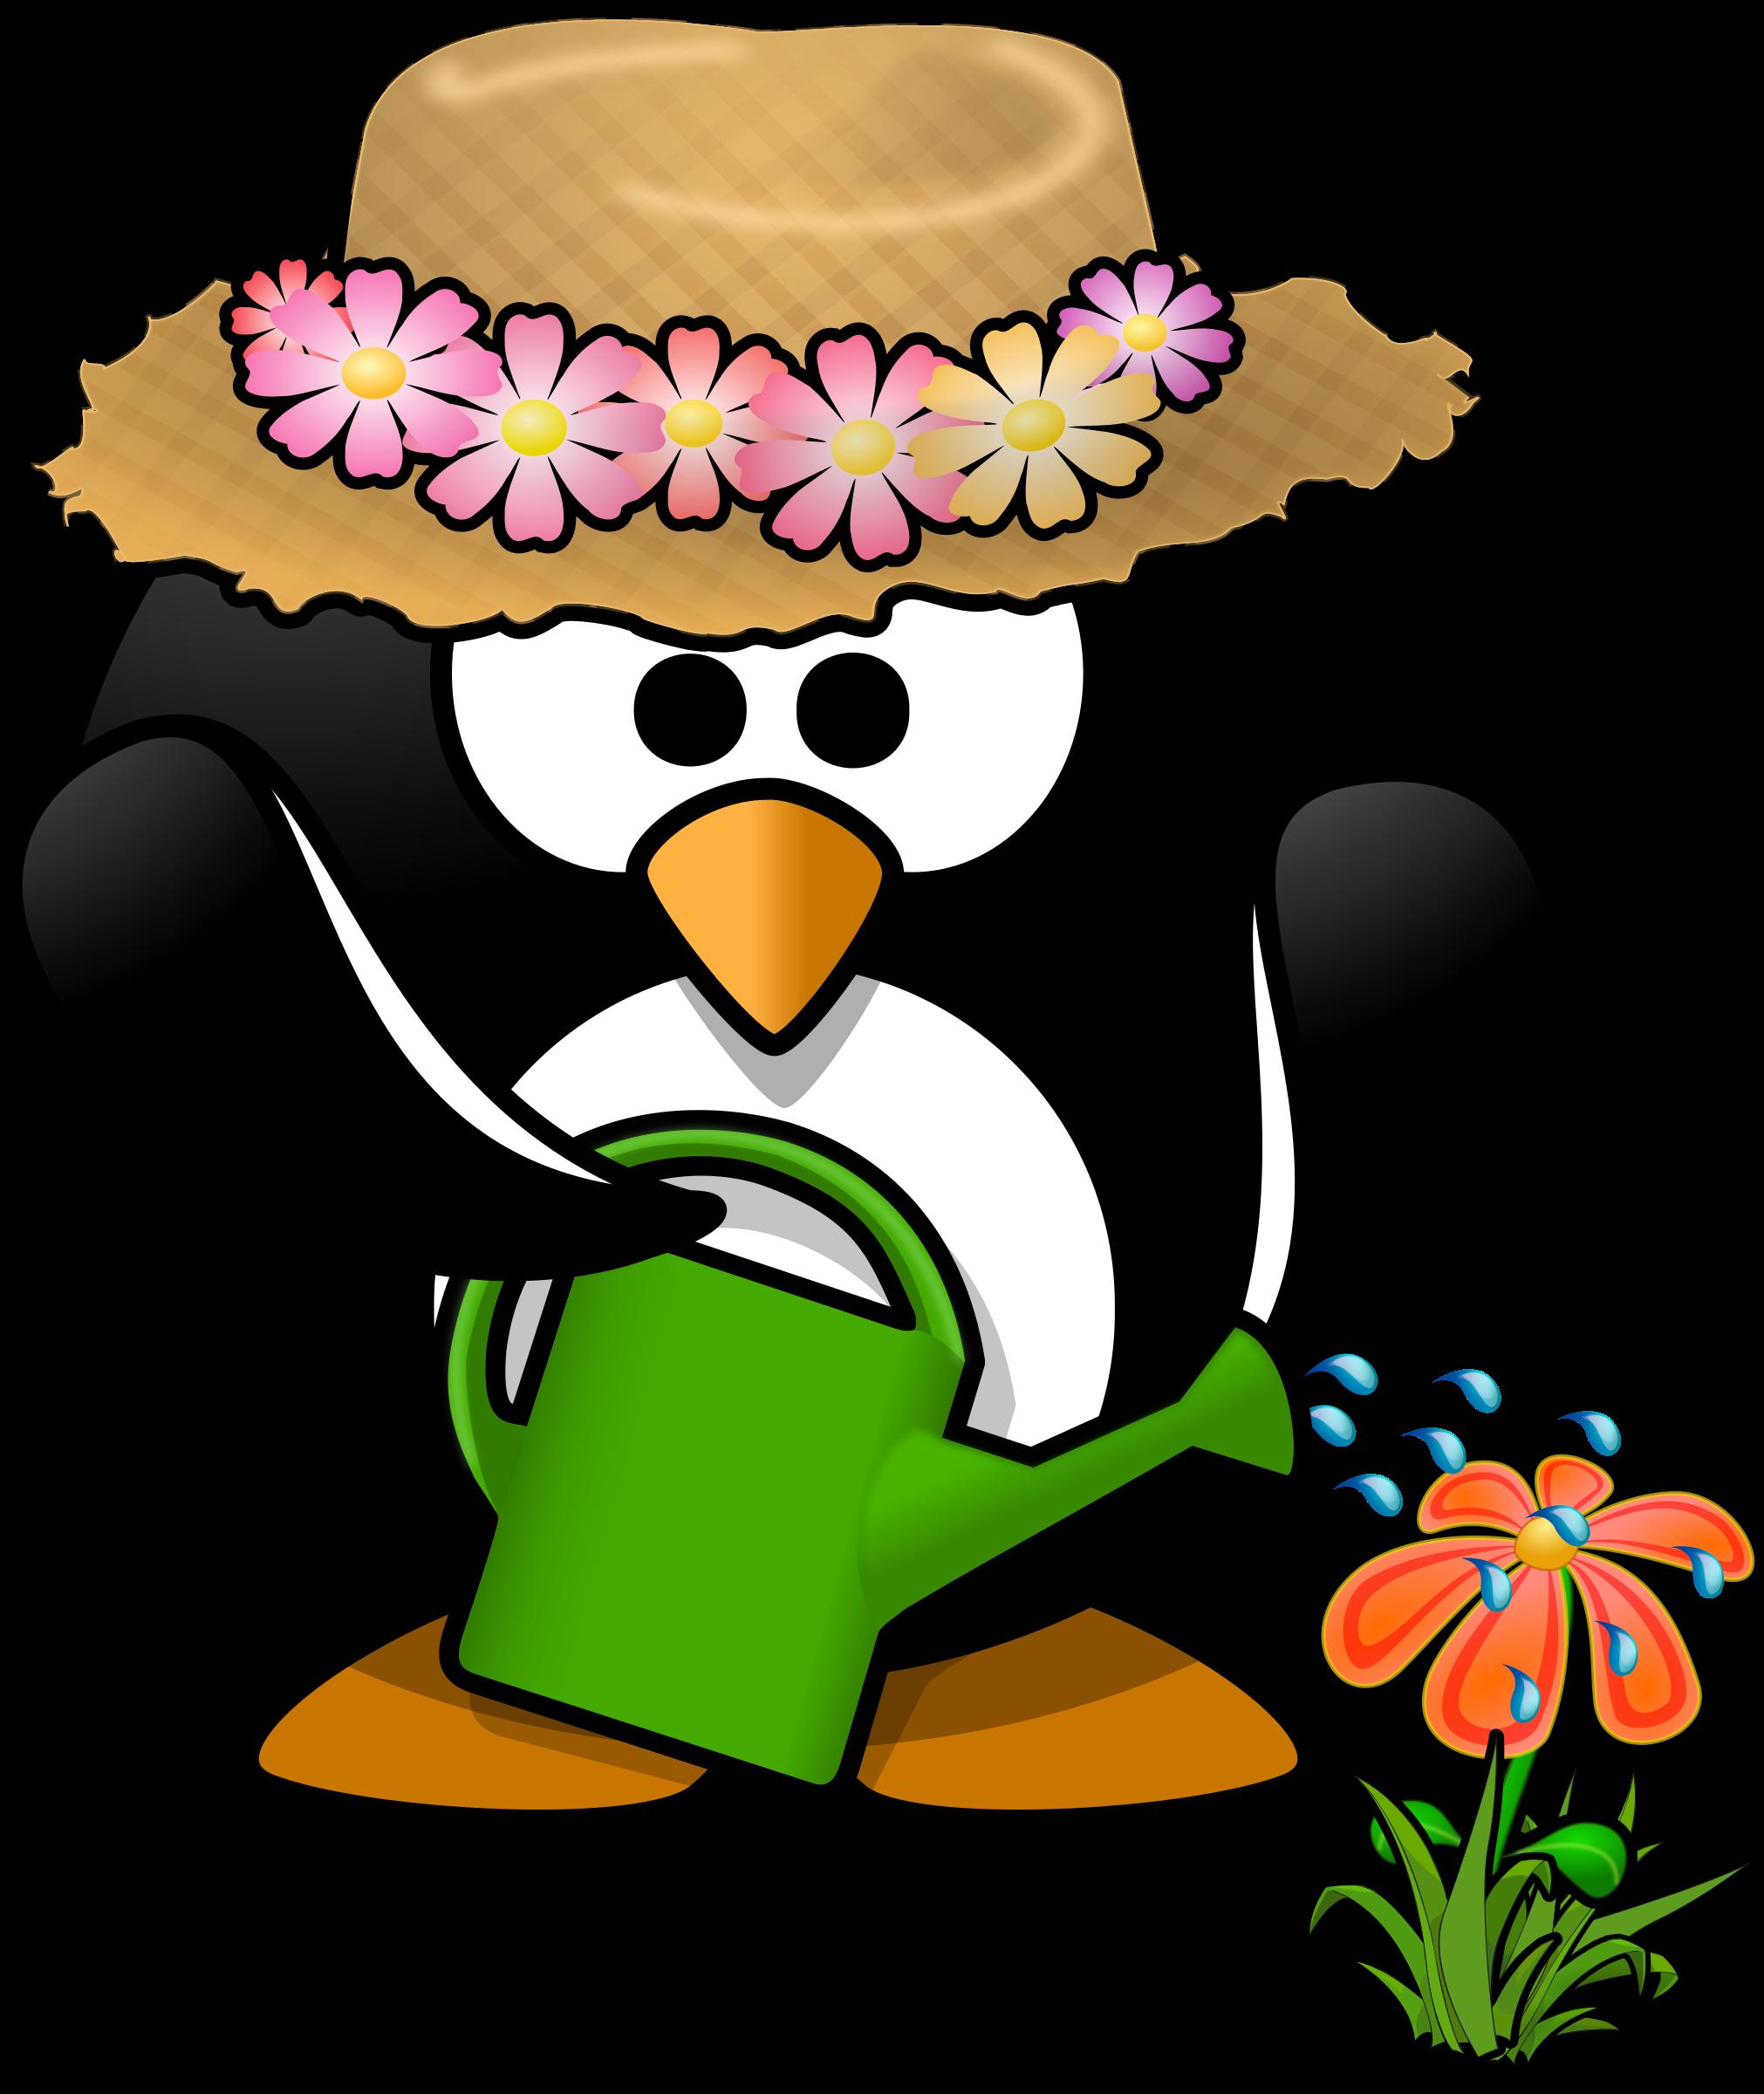 Clipart person spring. Garden penguin big image